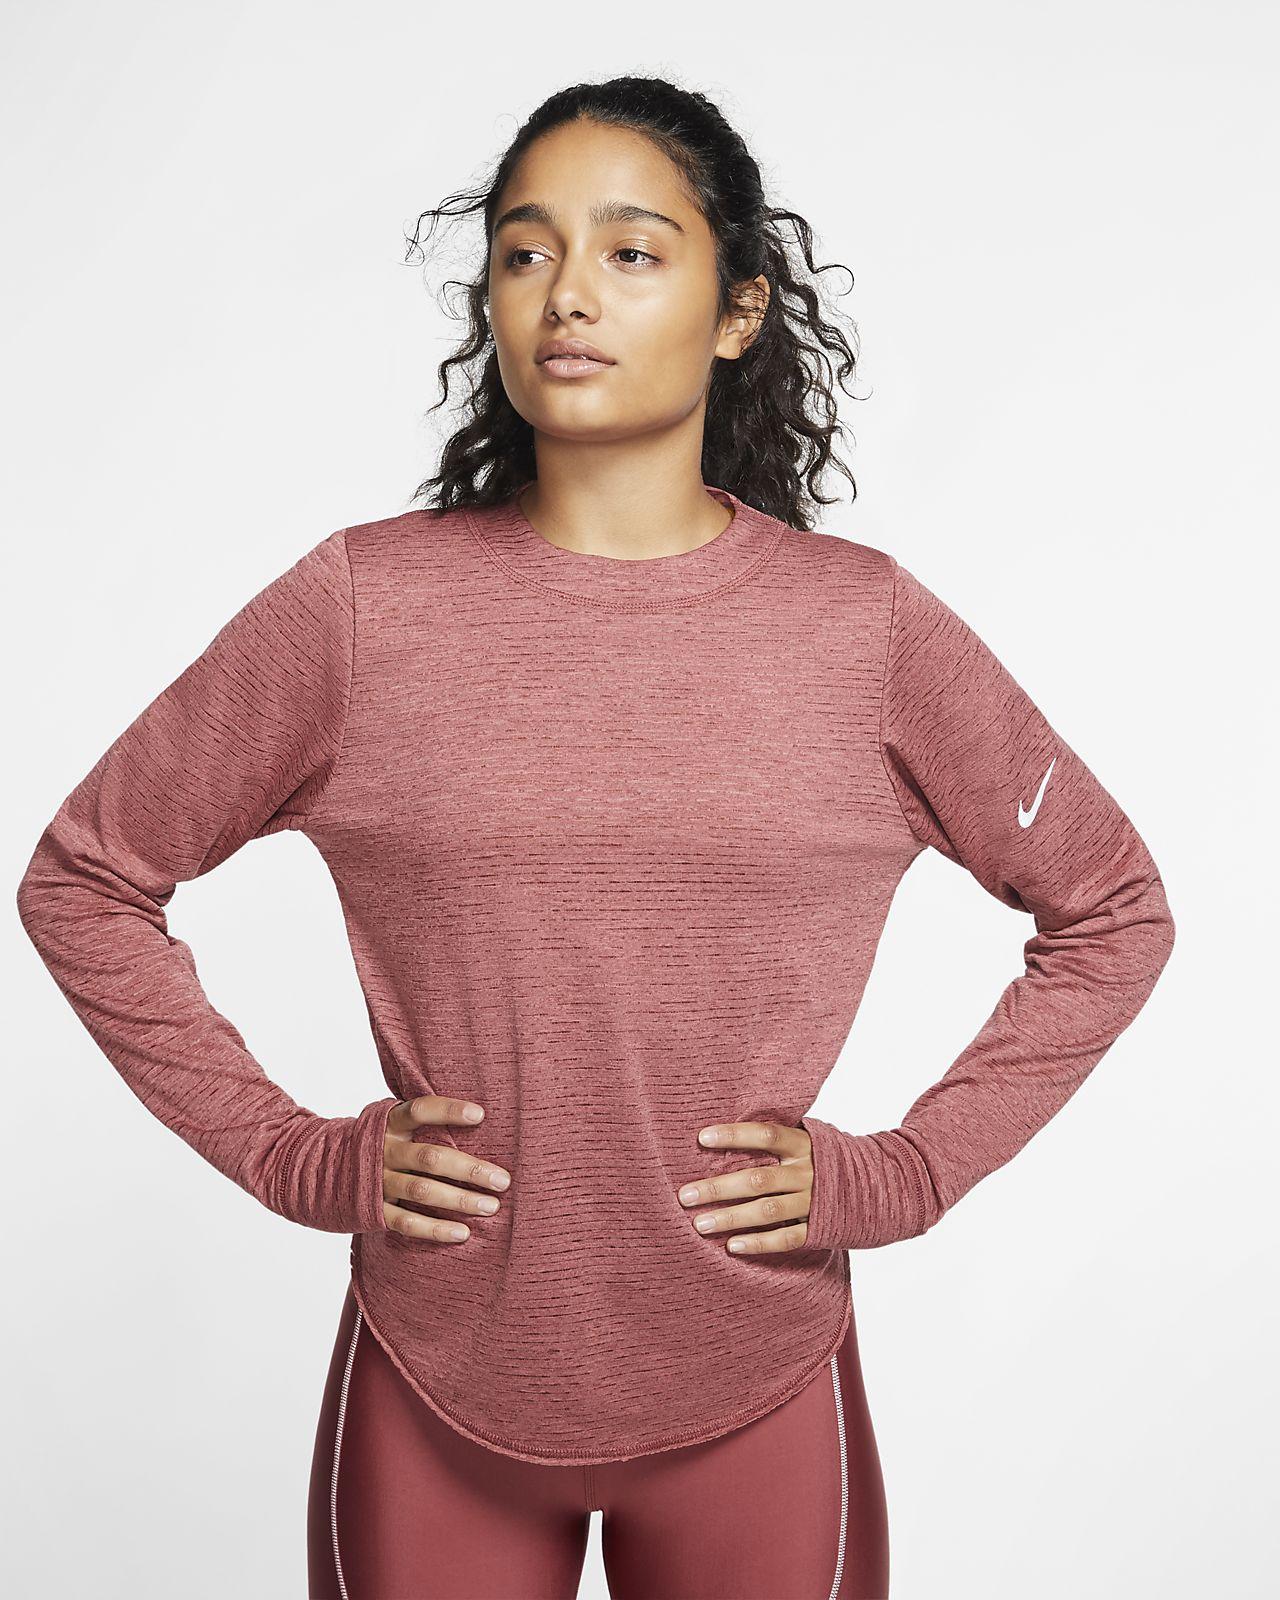 Nike Sphere Women's Long-Sleeve Running Top